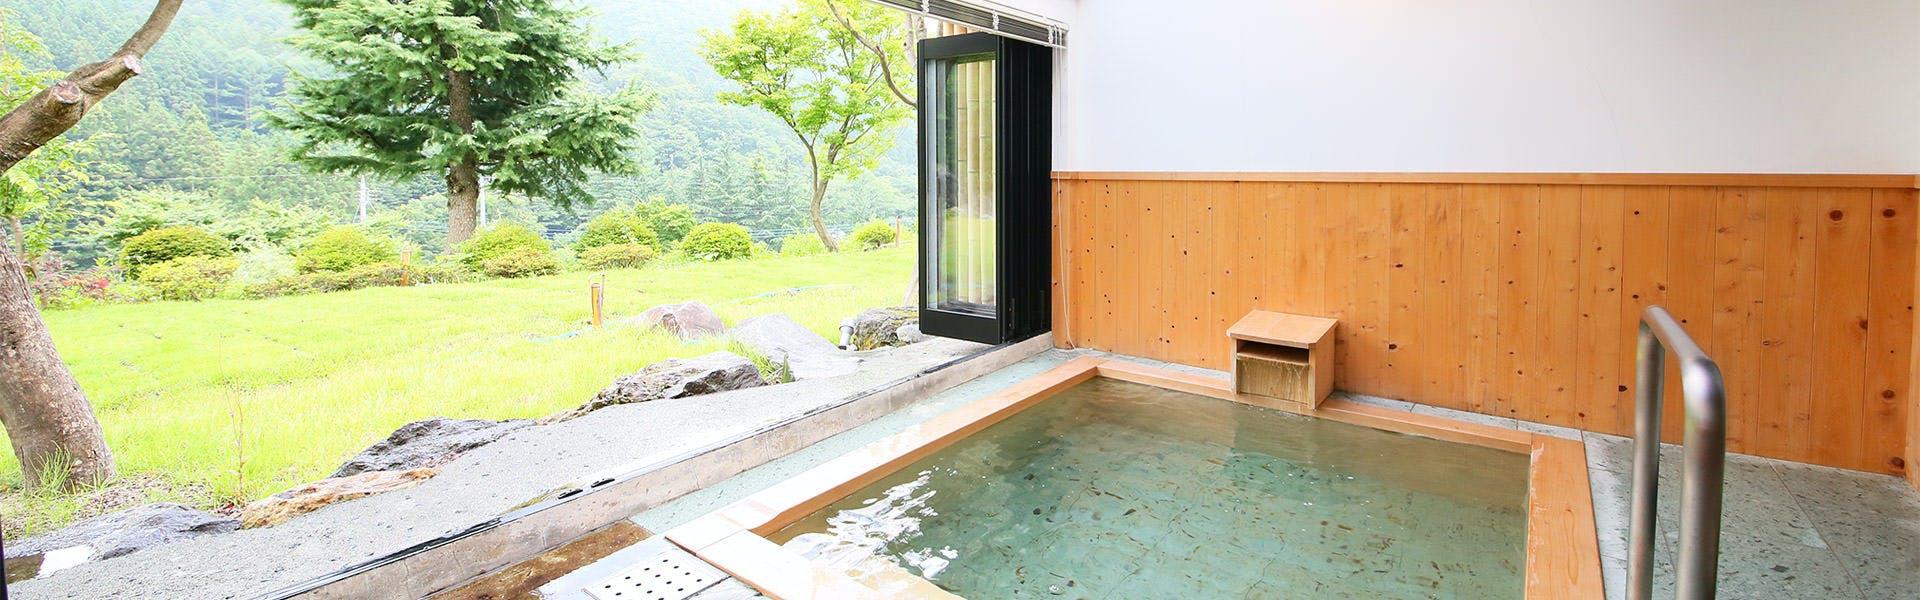 記念日におすすめのホテル・川場温泉 清流の里 錦綉山荘の写真2